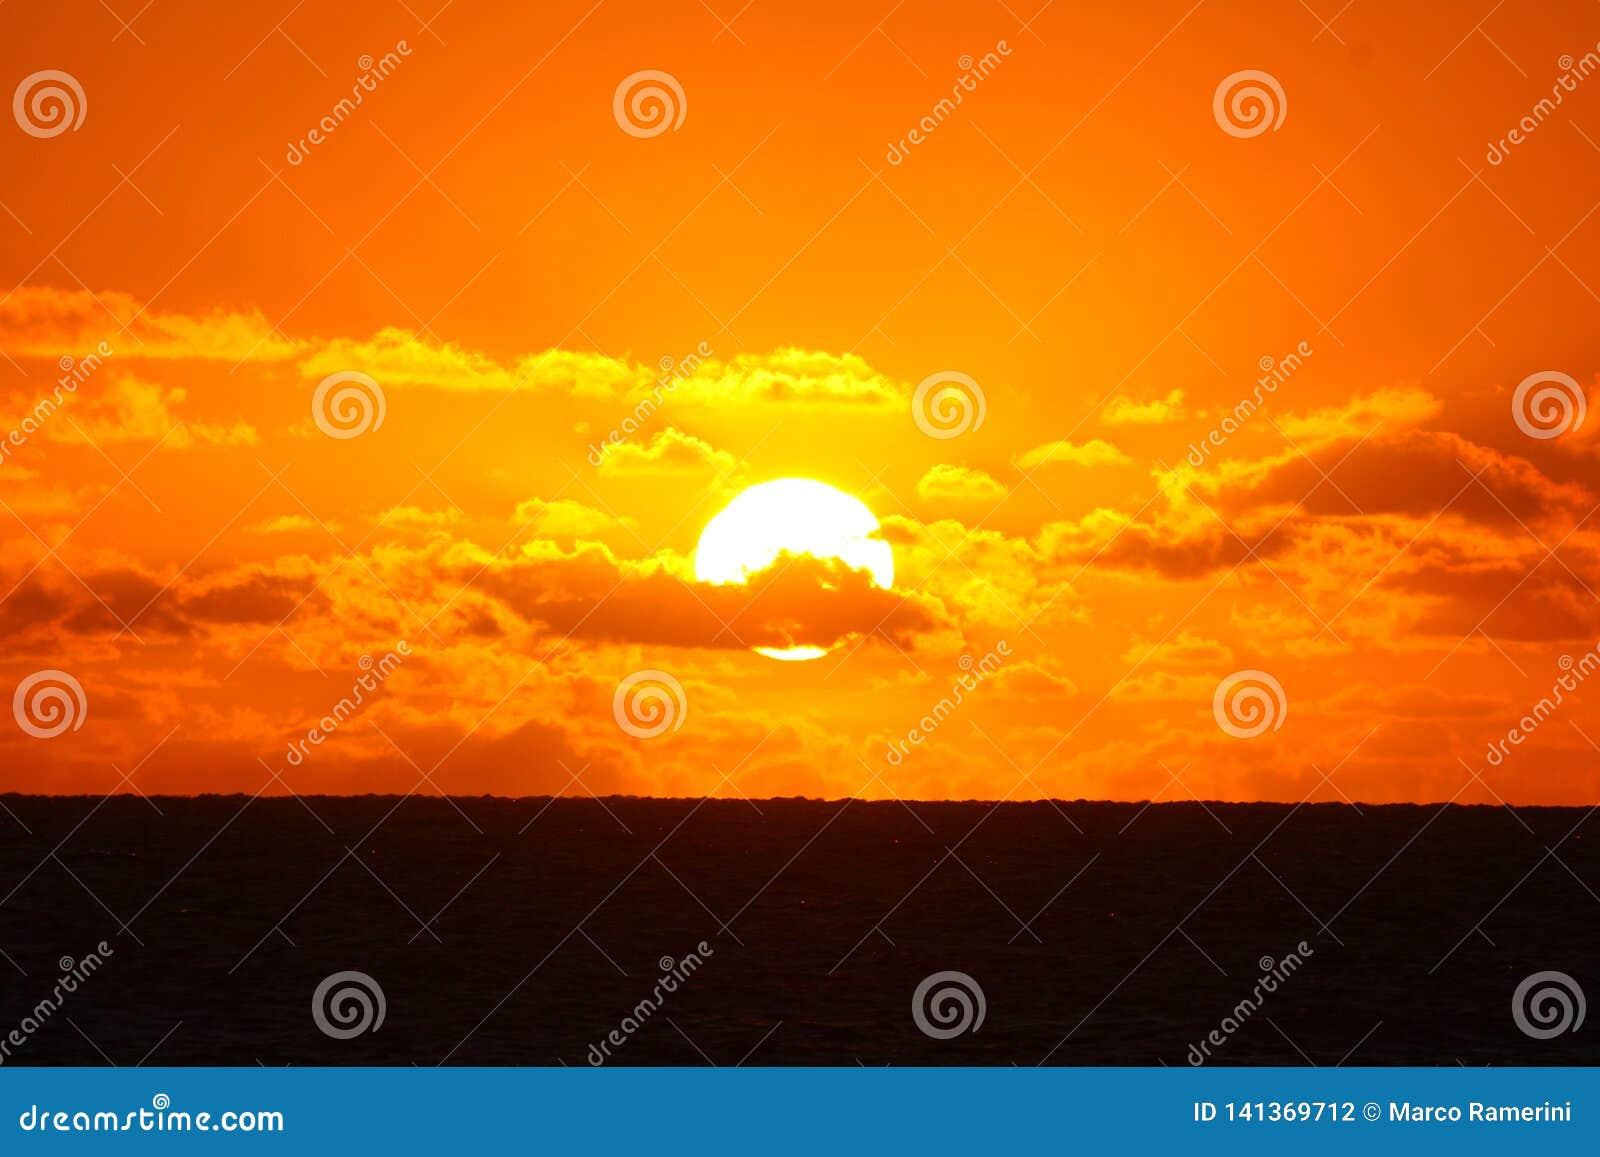 The setting sun on the sea in a tropical island, Fiji